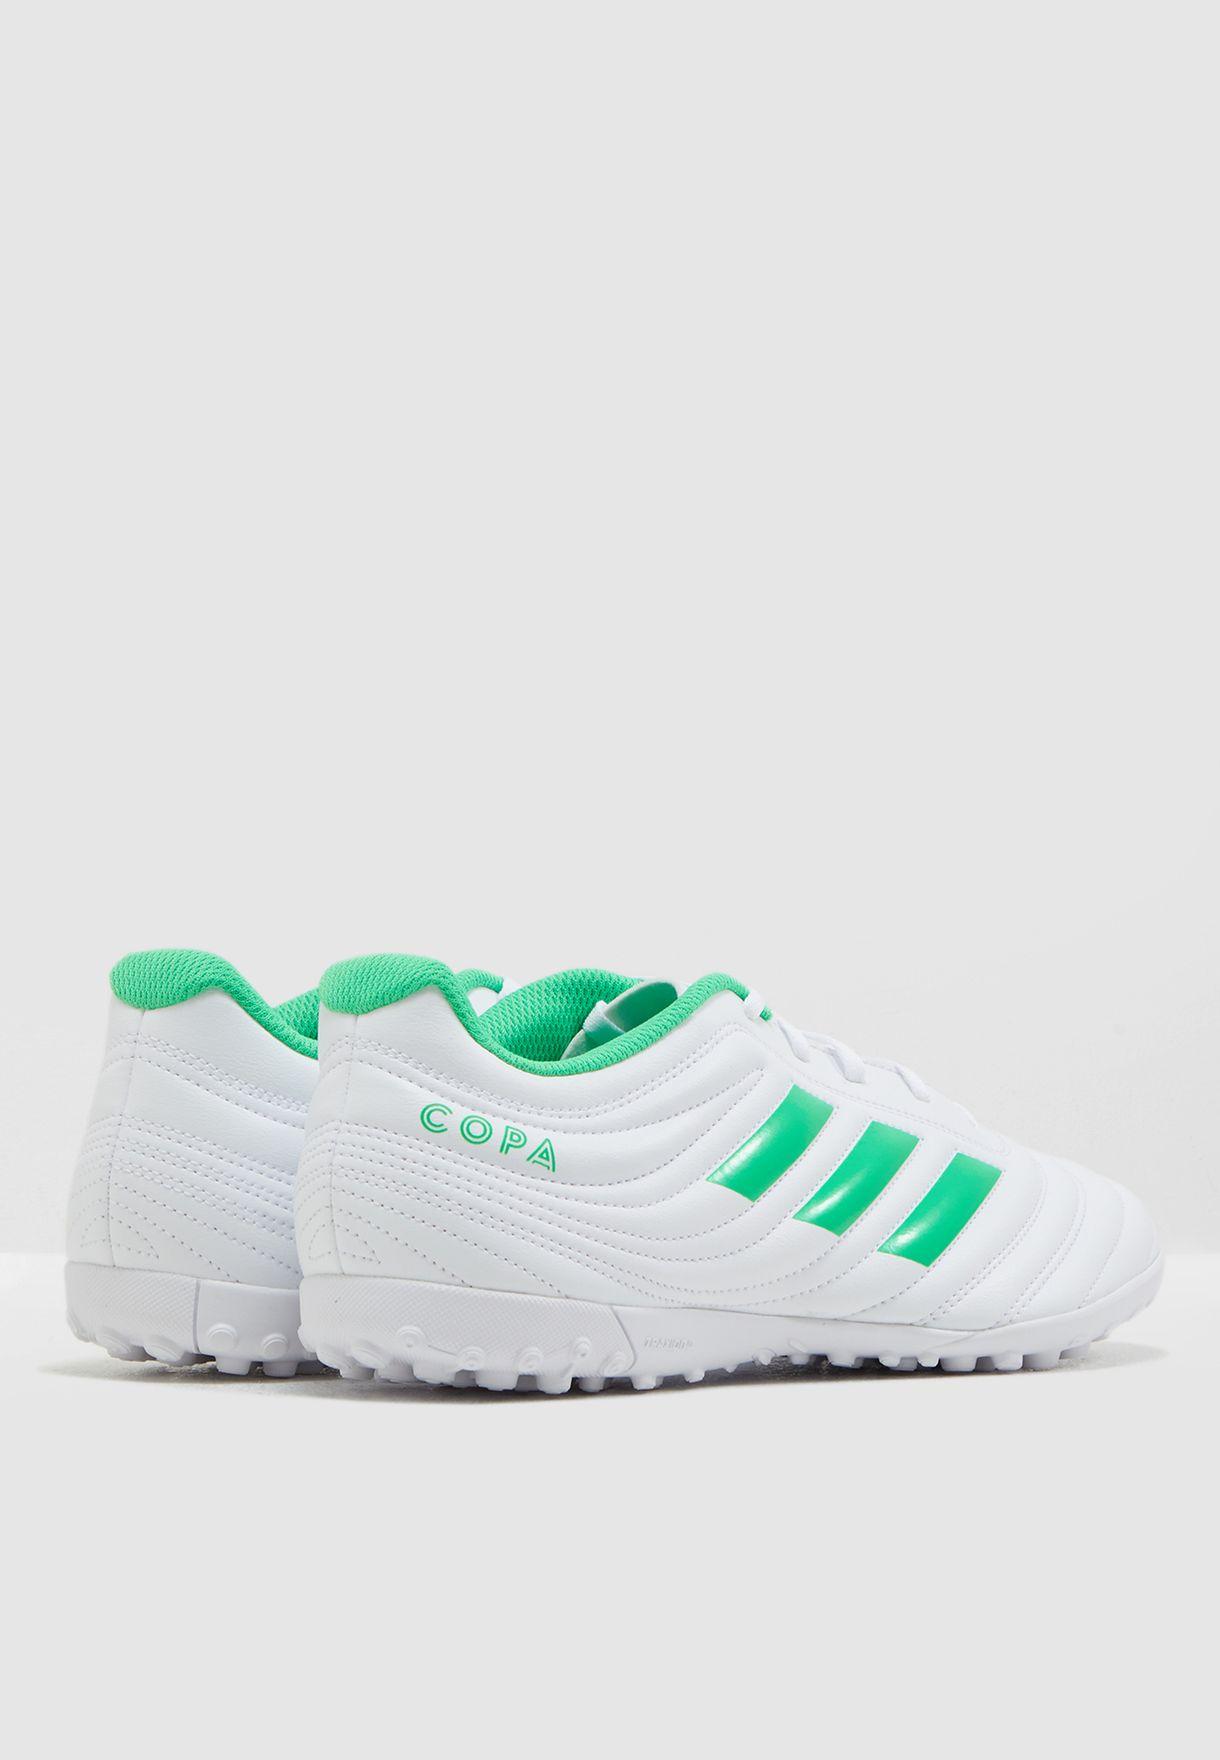 حذاء كوبا 19.4 للارض العشبية